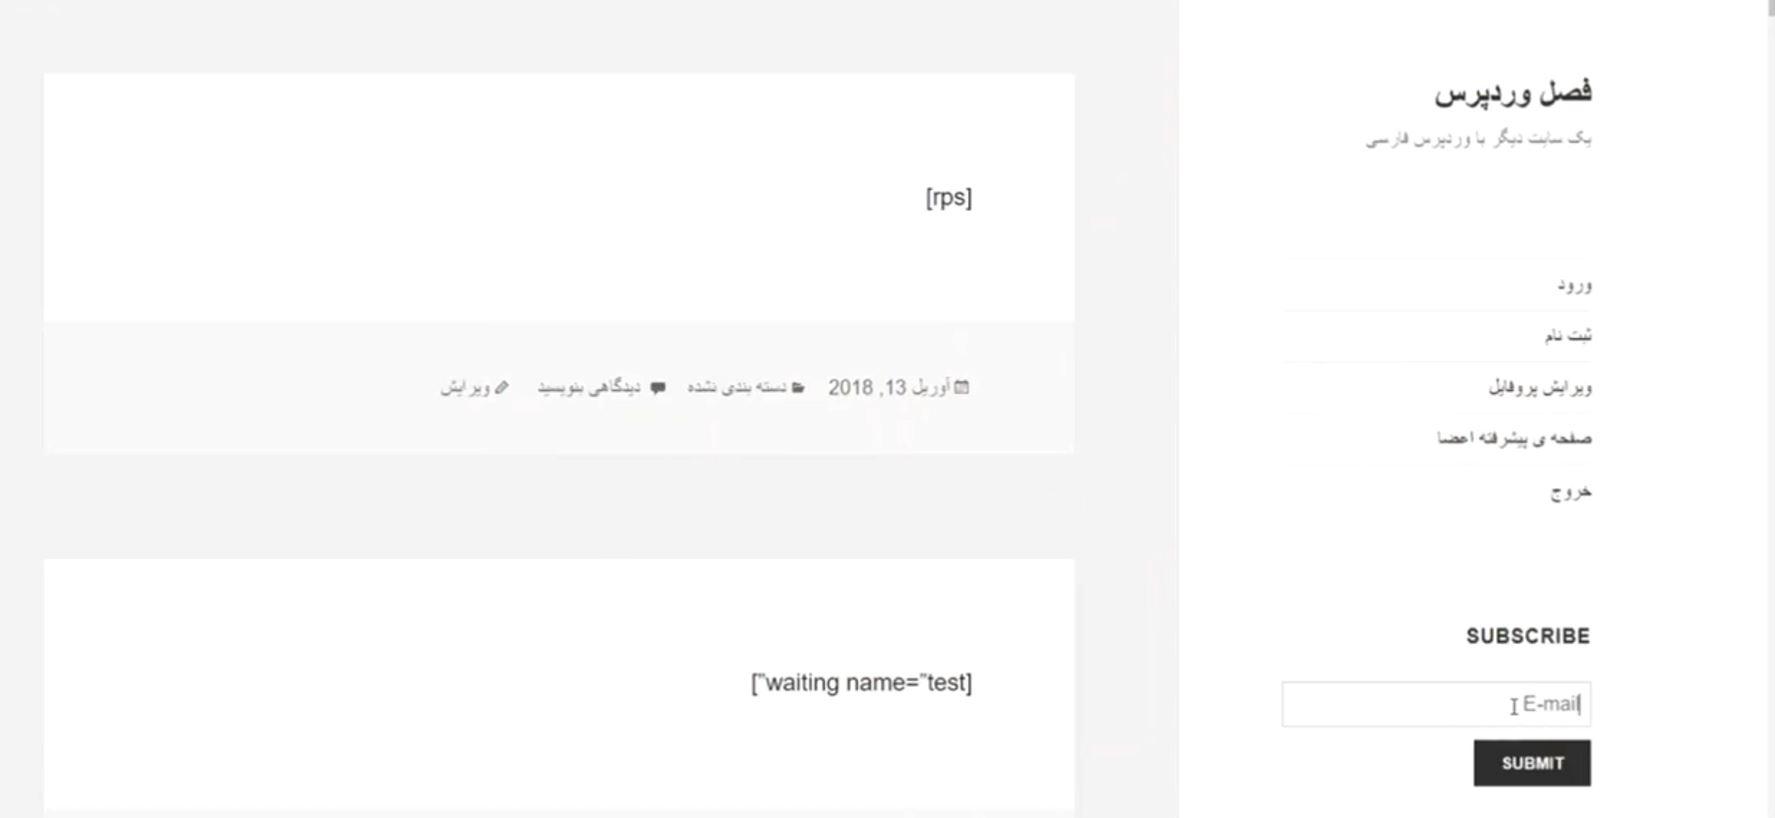 DSubscribers widget result